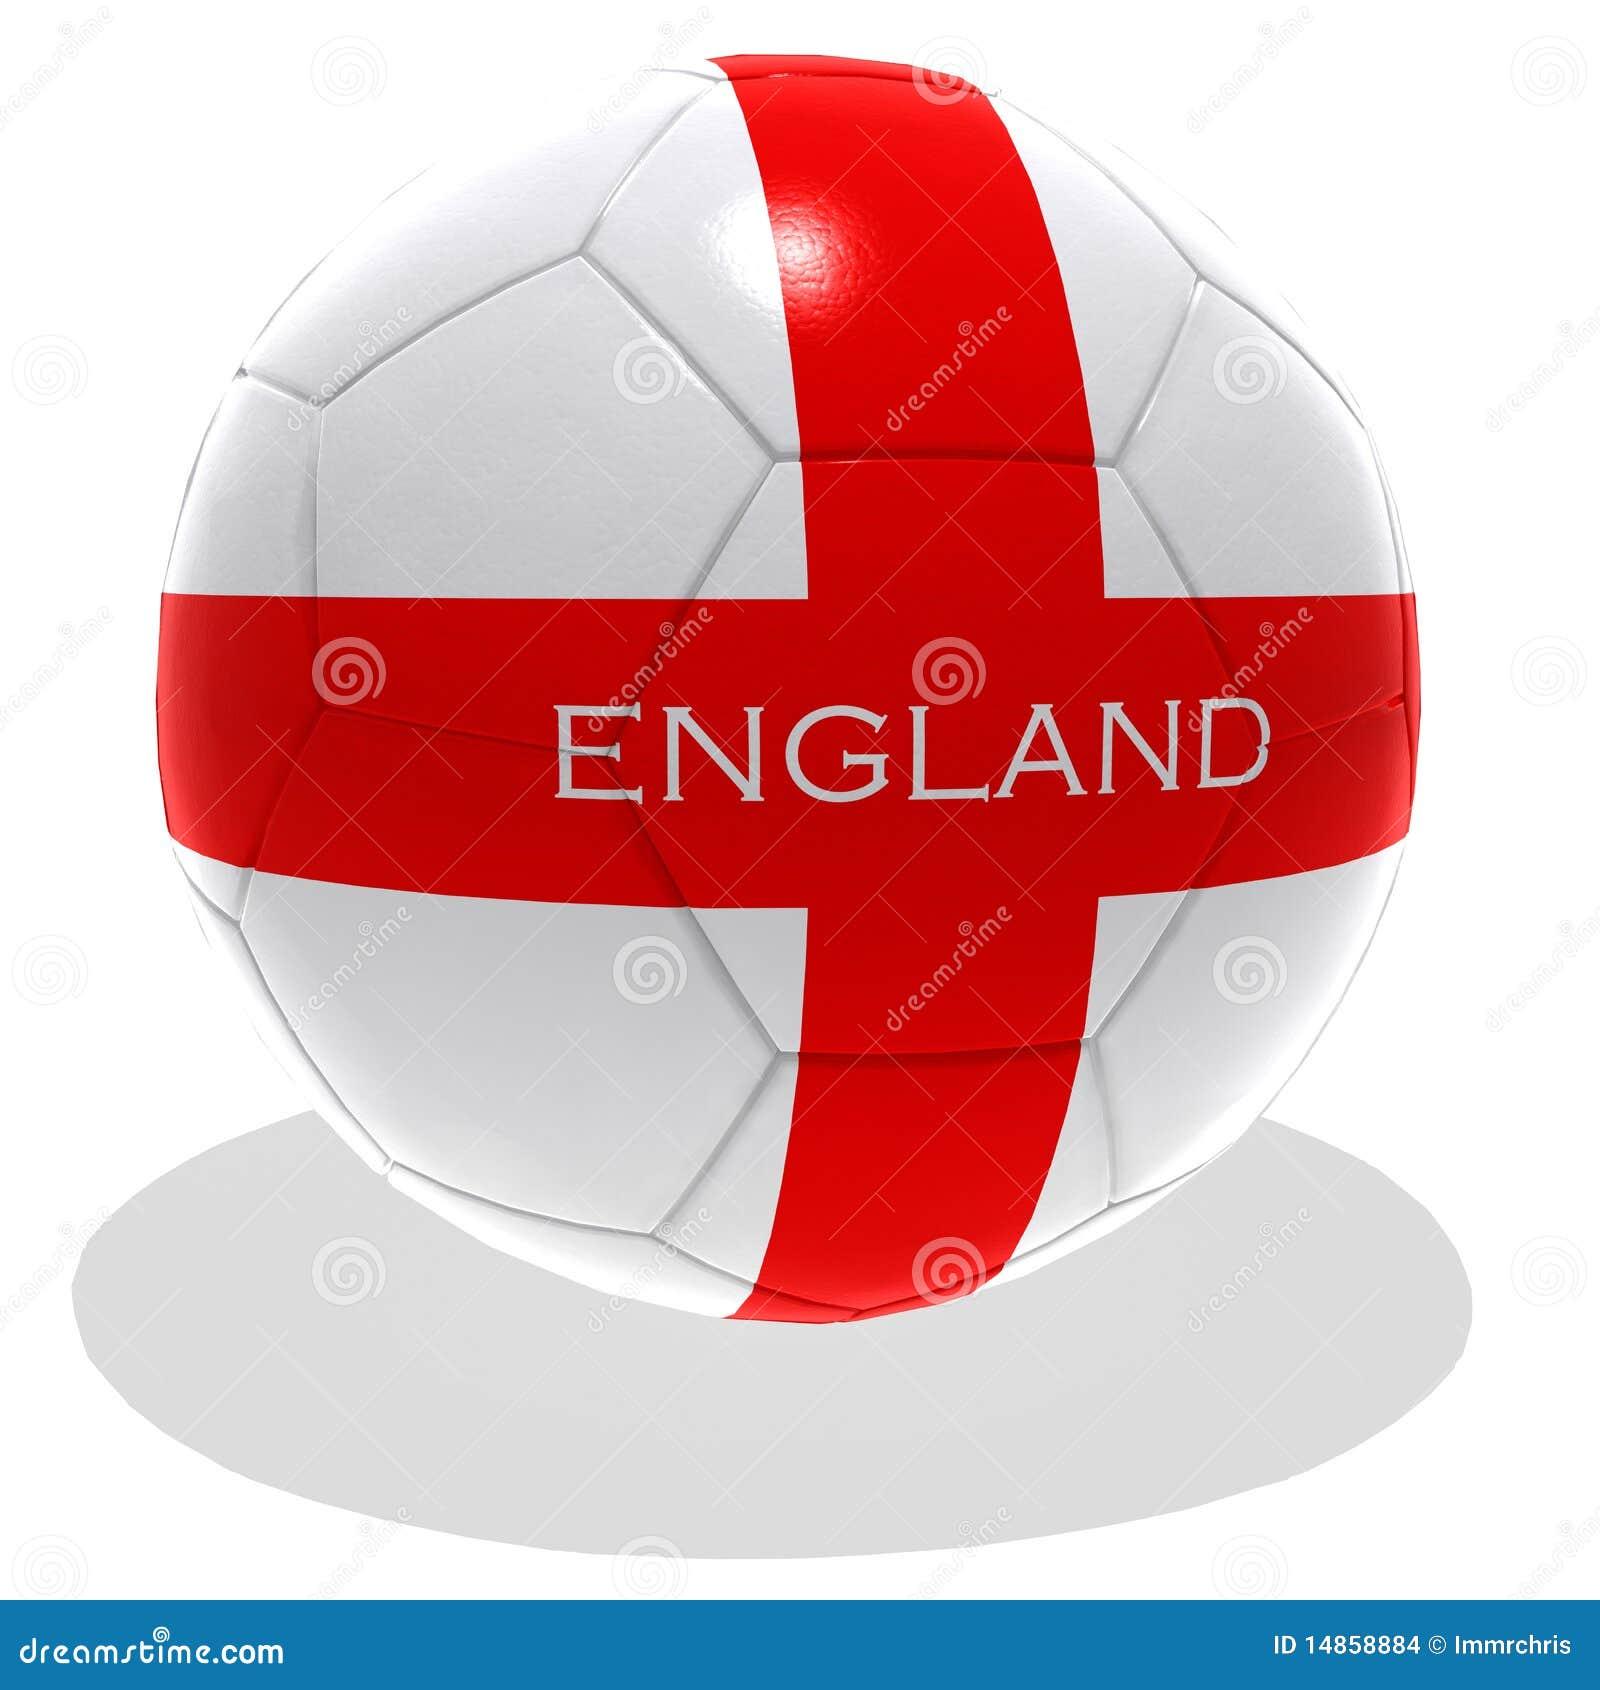 England Ball